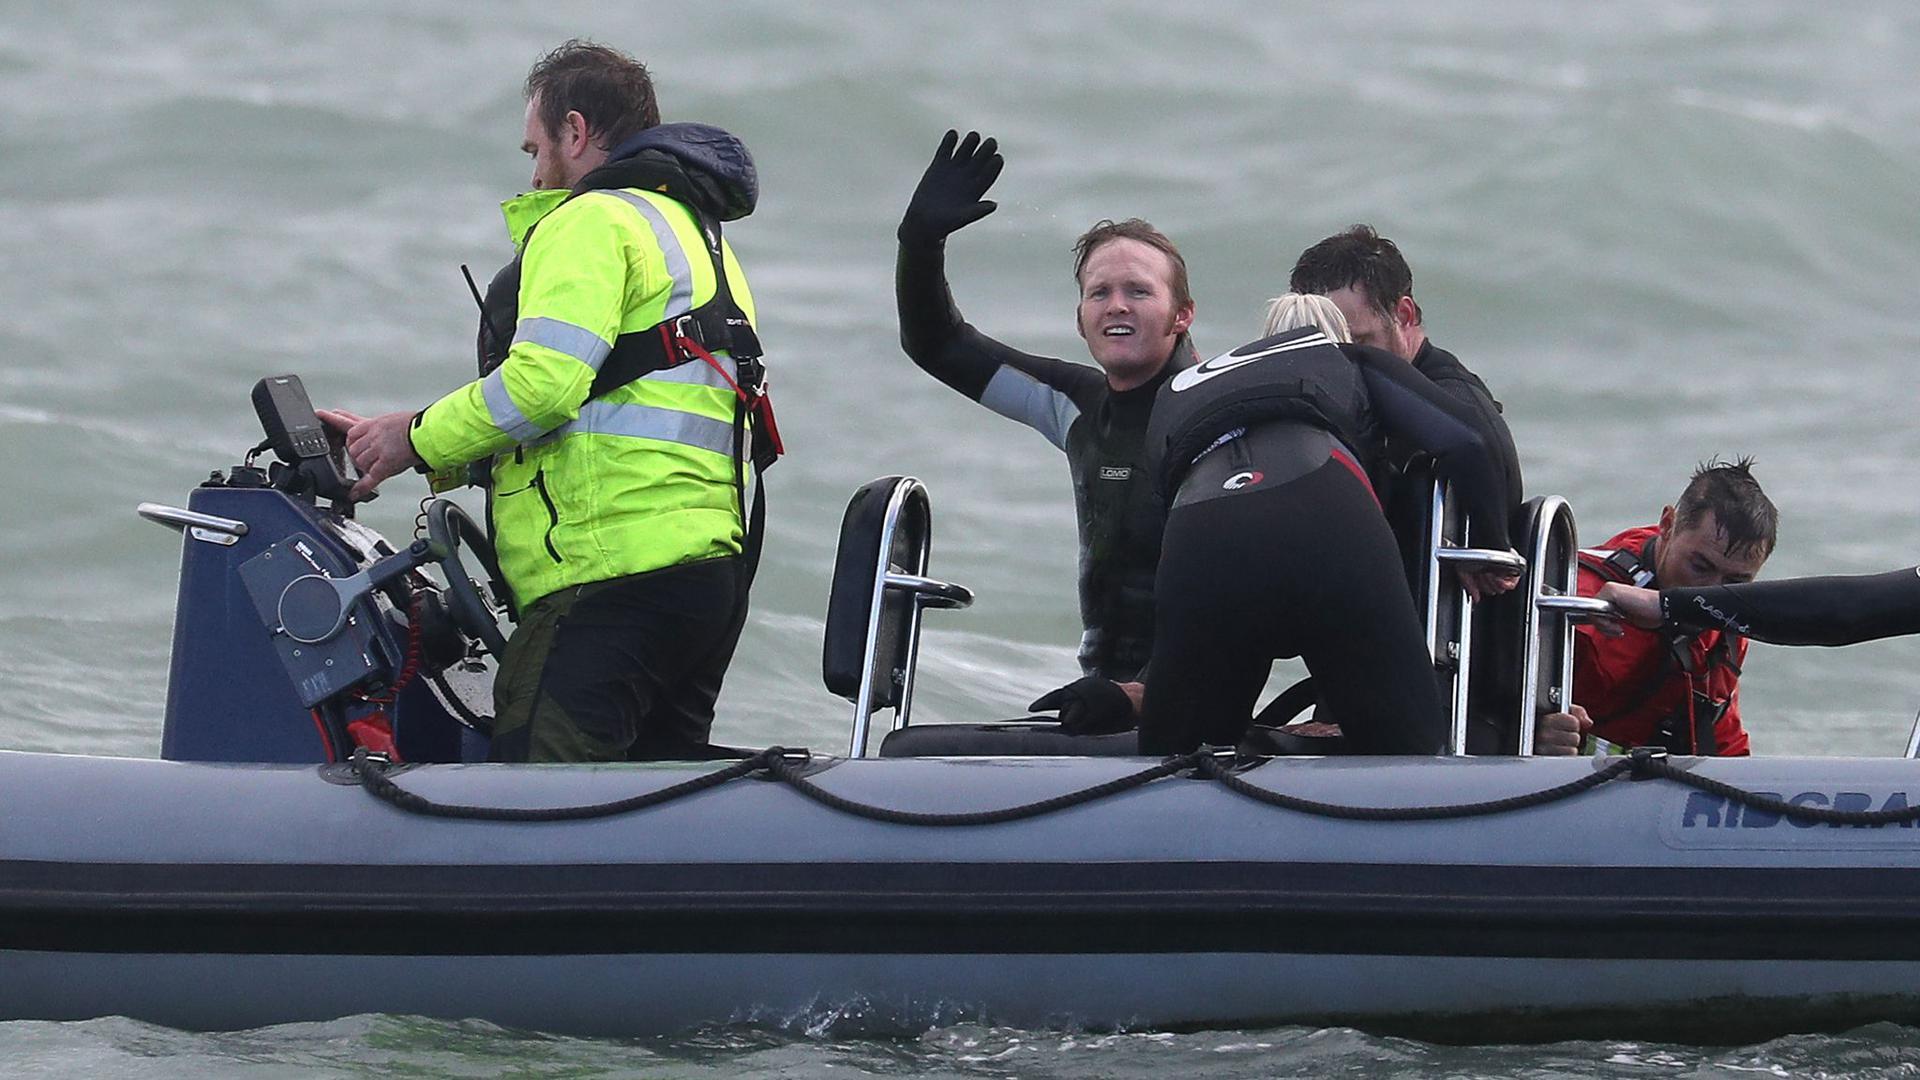 John Bream, ehemaliger Fallschirmspringer aus Großbritannien, winkt aus einem Boot, das ihn nach seinem Sprung aus etwa 40 Metern Höhe ins Meer geborgen hat.